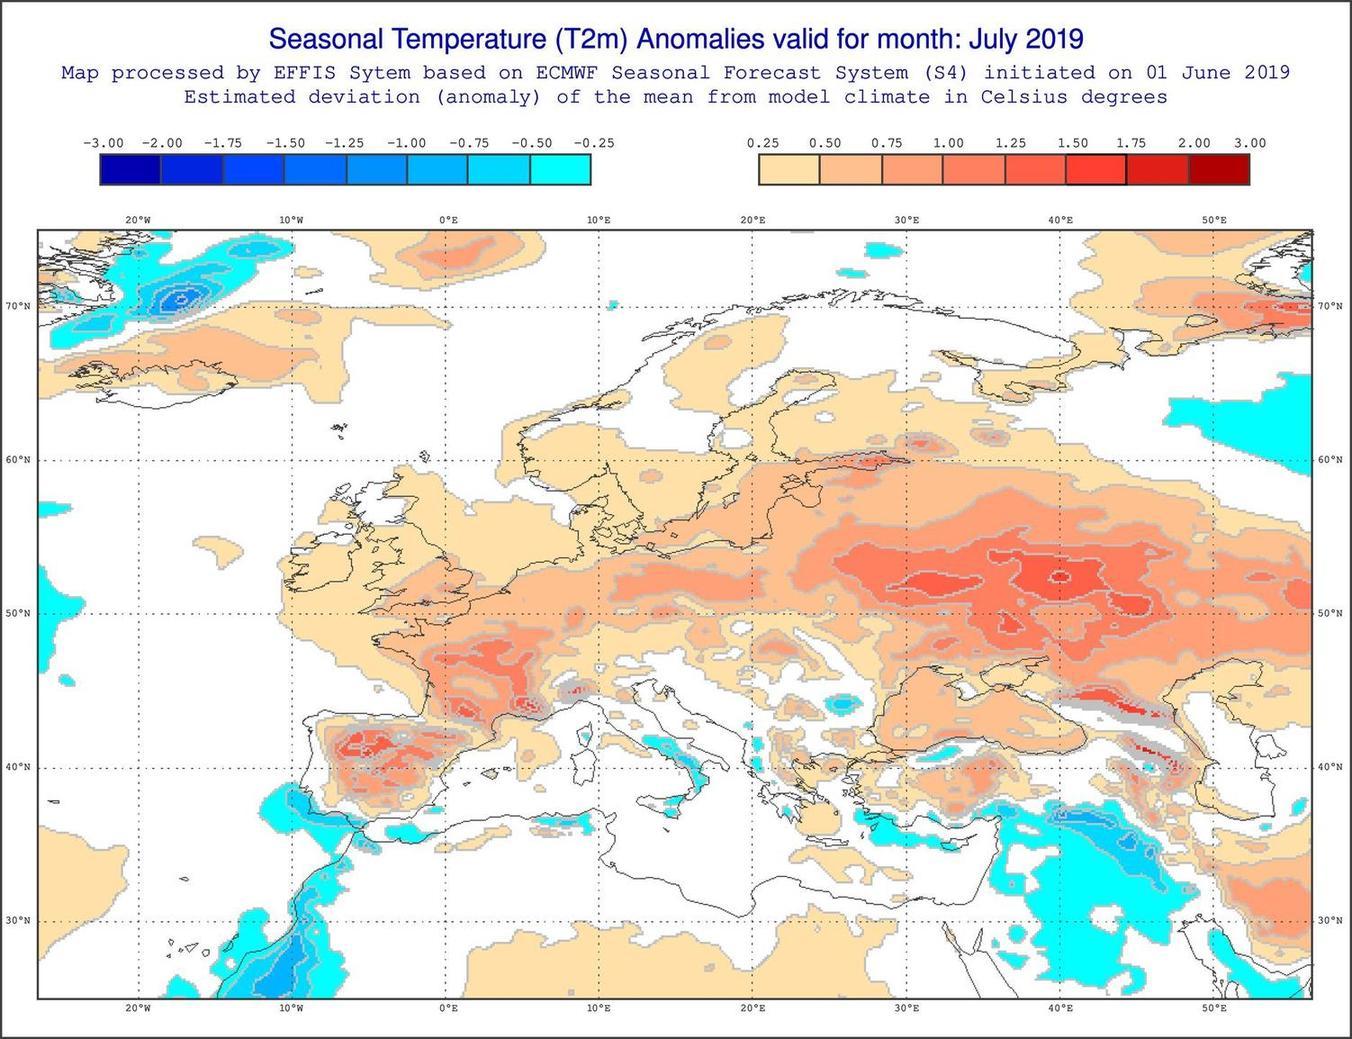 Anomalie di temperatura previste dal modello ECMWF per il mese di luglio 2019 - effis.jrc.ec.europa.eu